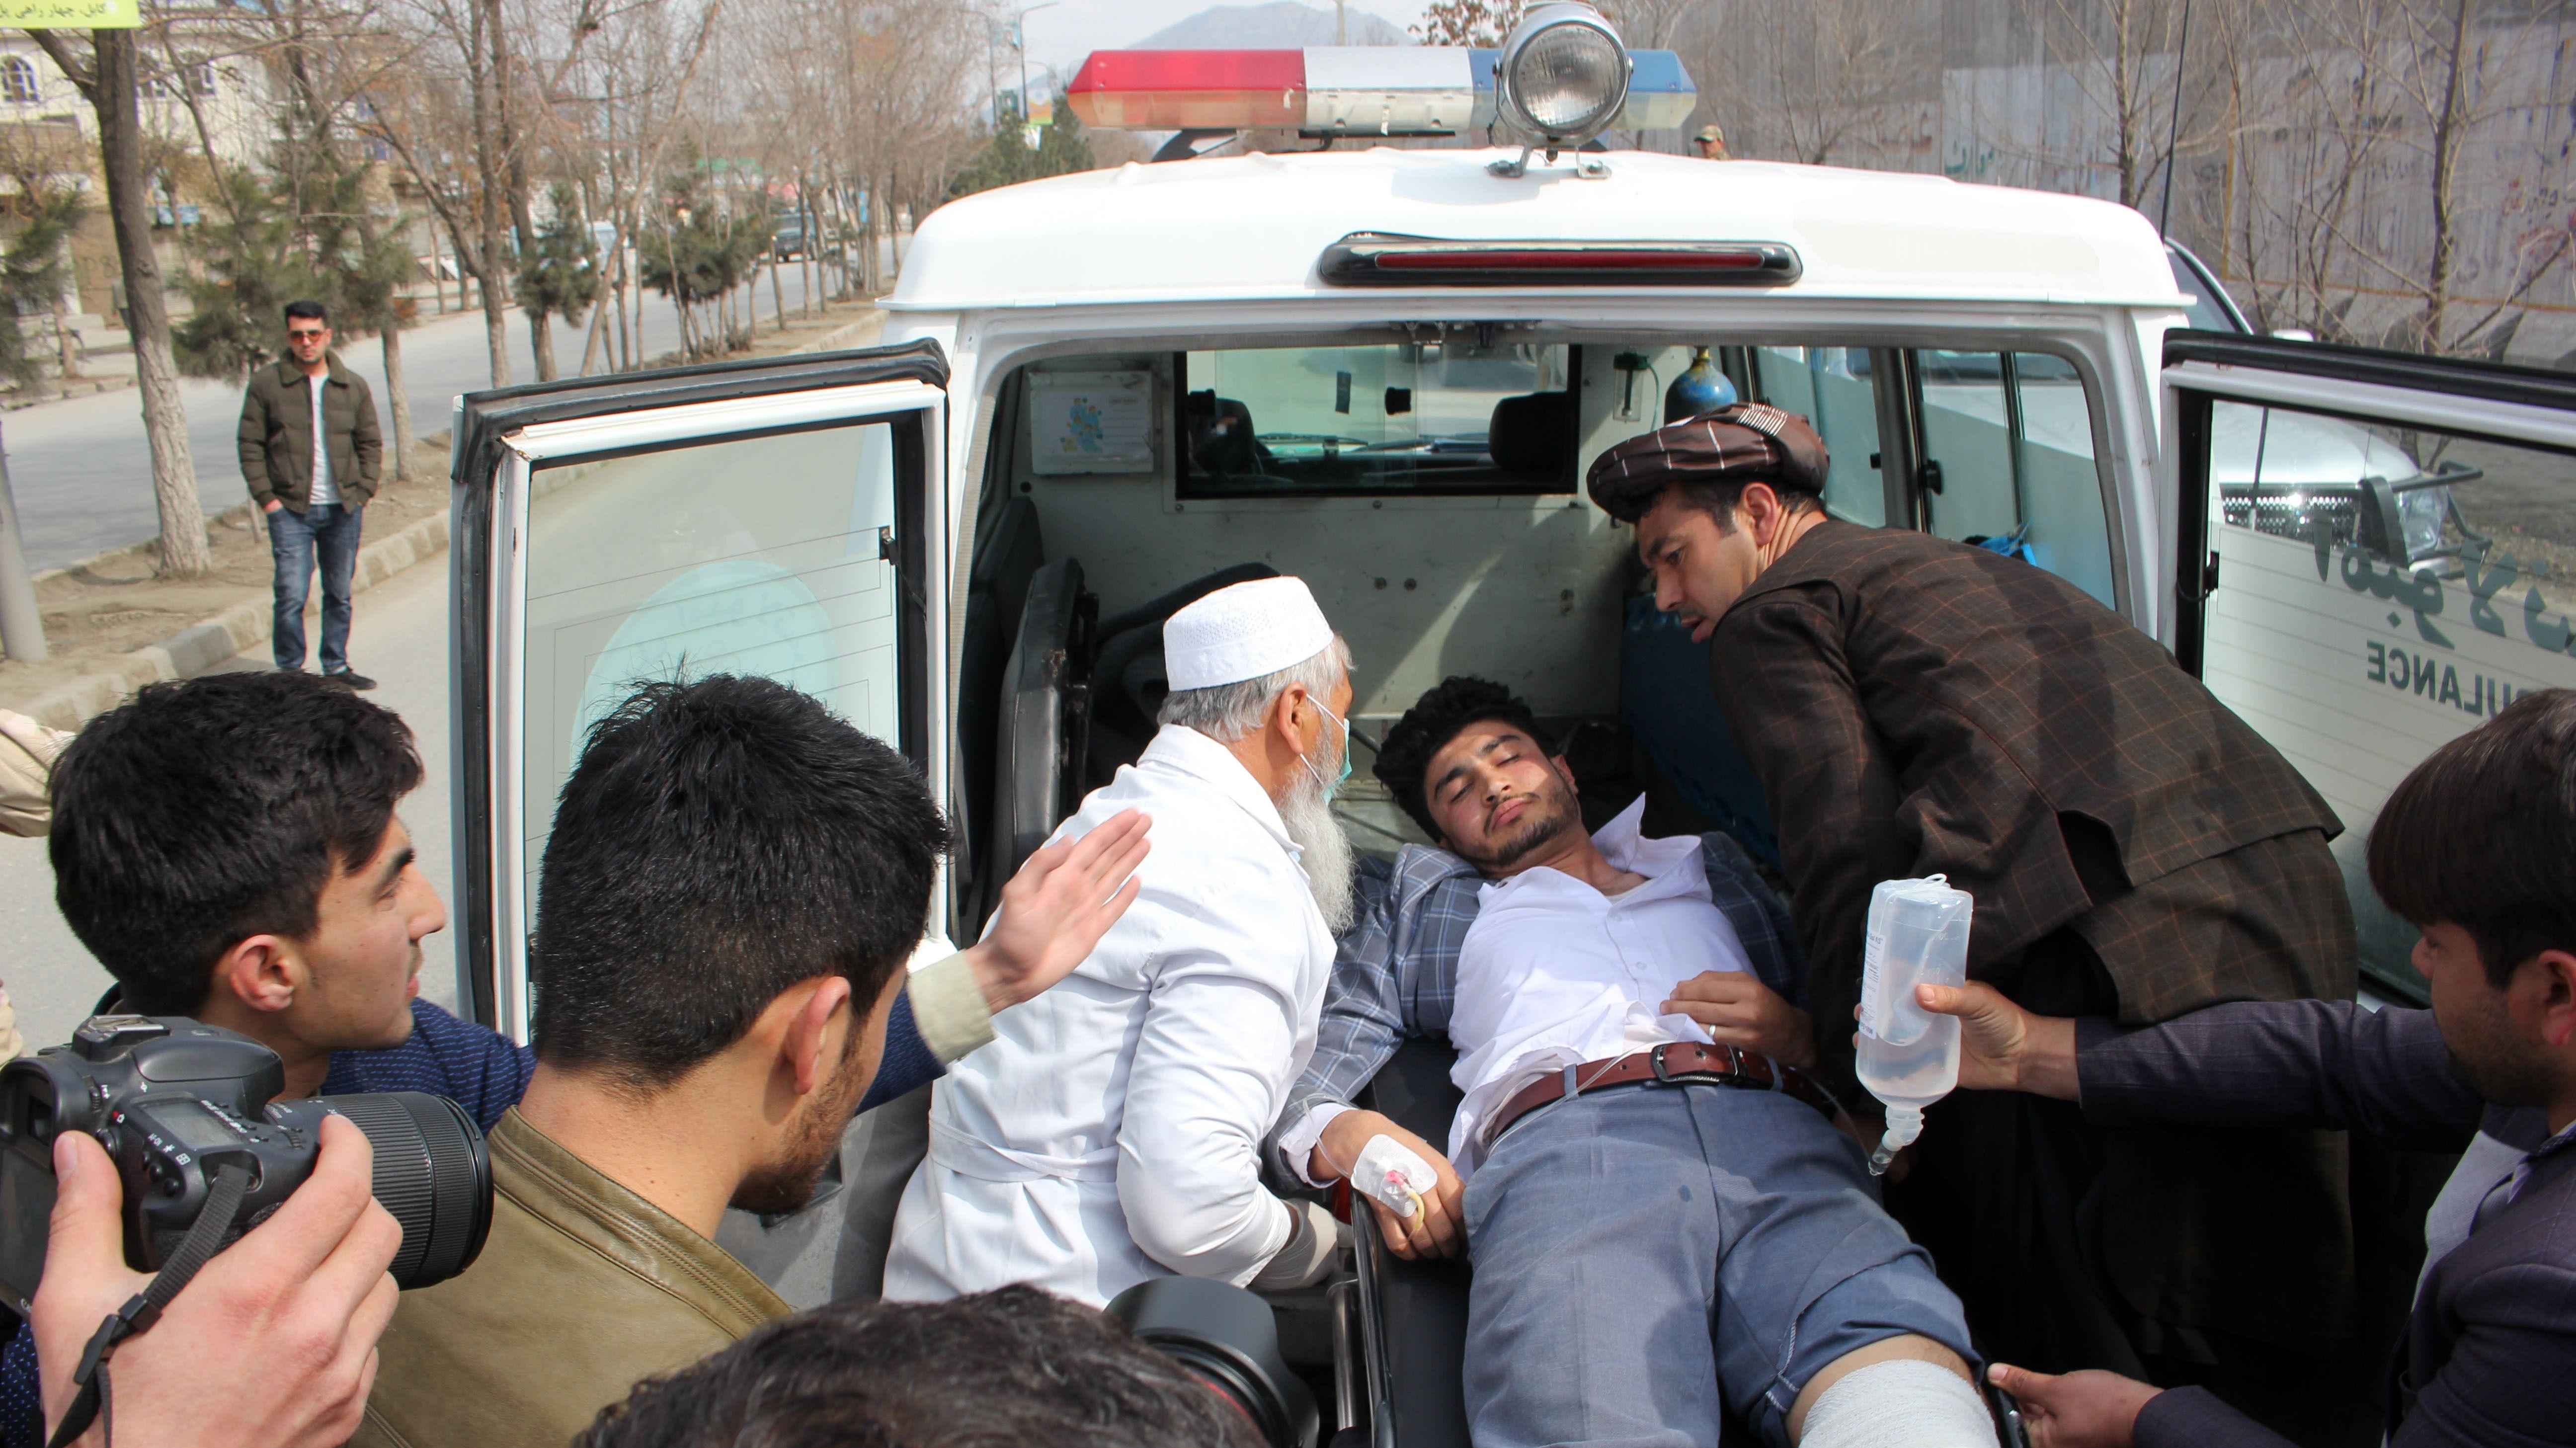 Rettungskräfte versorgen einen verletzten Mann.